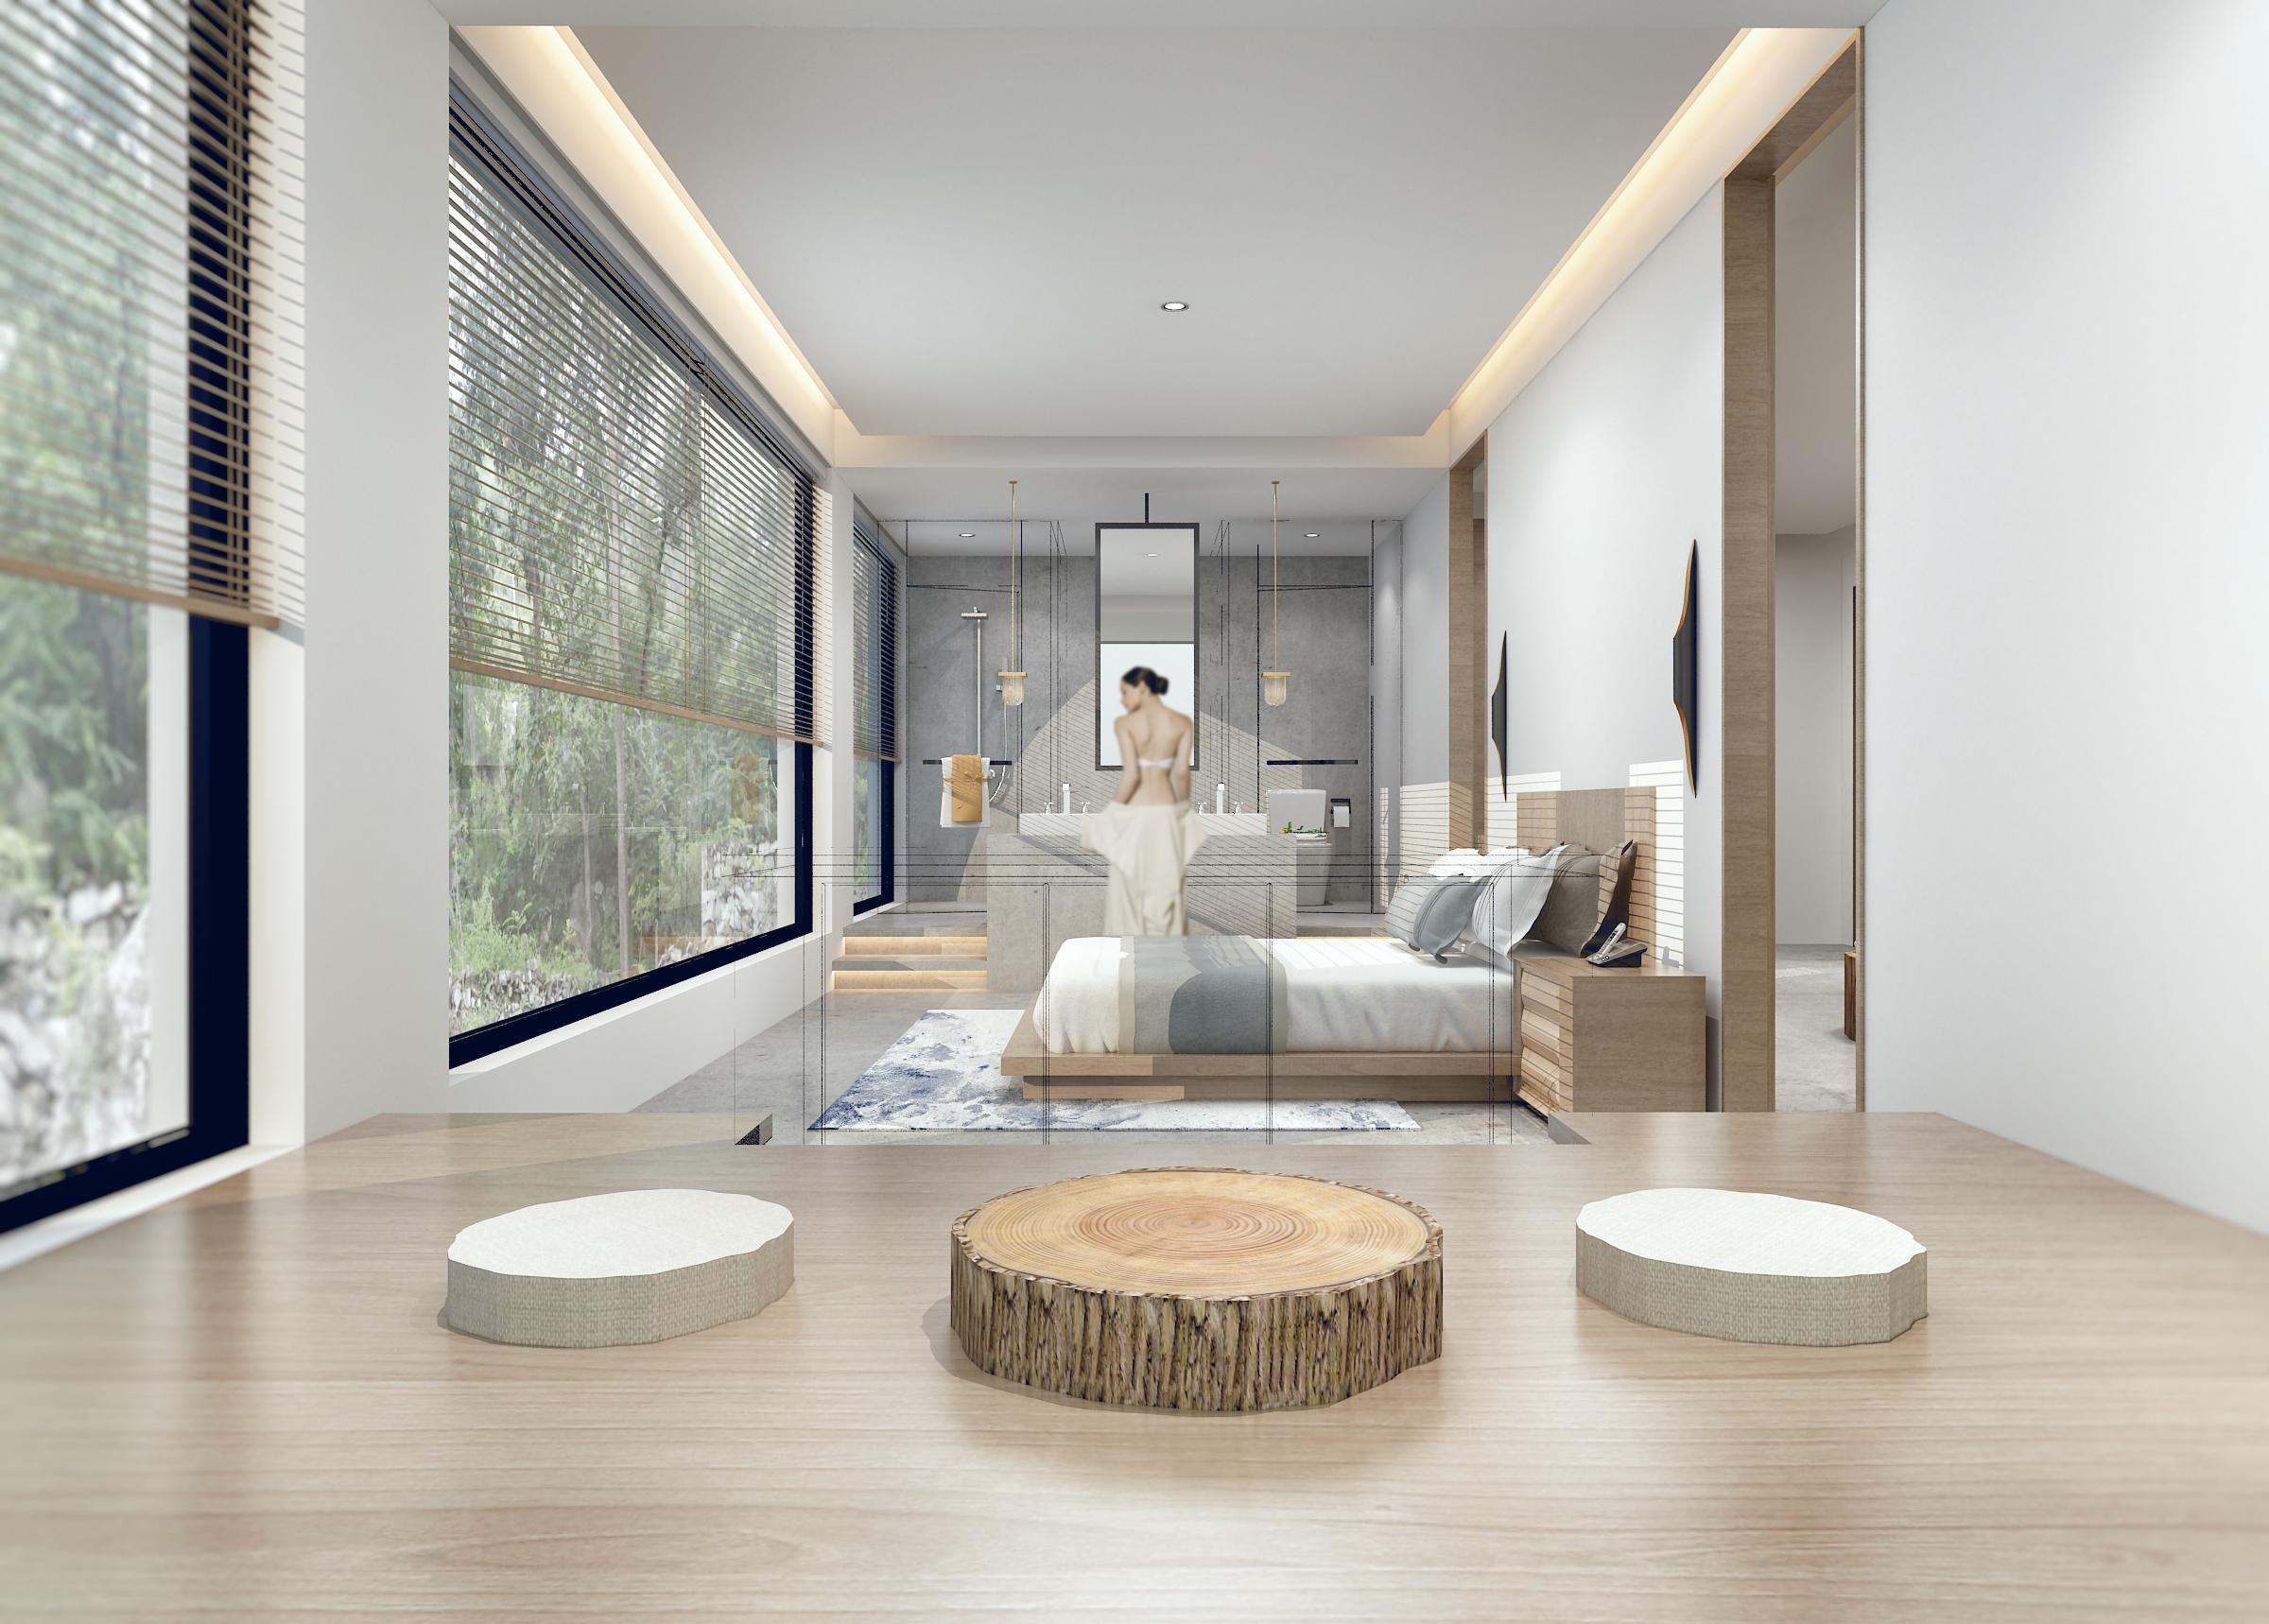 奢华金棕色复古欧式室内休闲区背景墙效果图